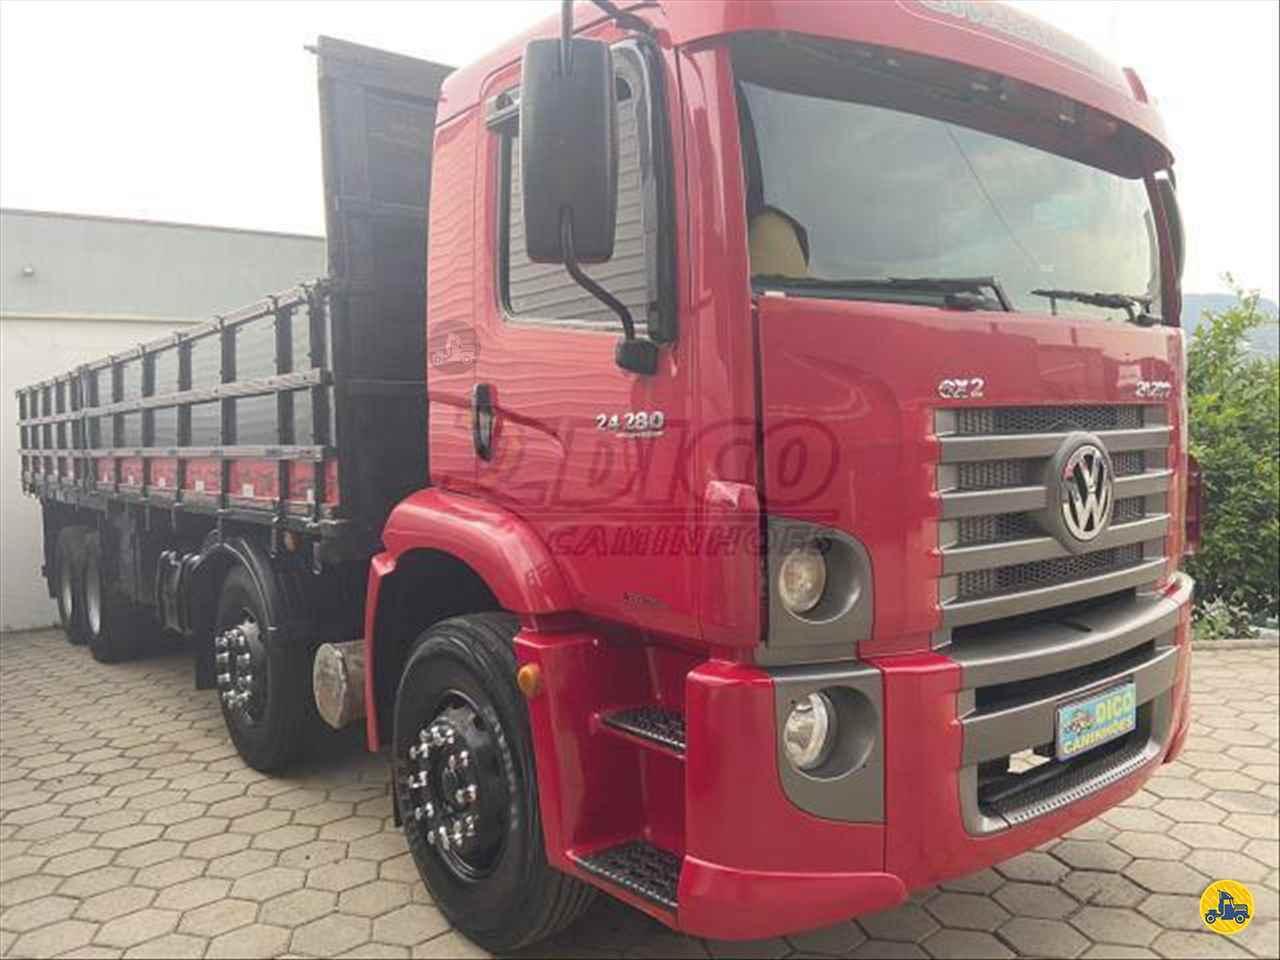 CAMINHAO VOLKSWAGEN VW 24280 Carga Seca BiTruck 8x2 Dico Caminhões RIO DO SUL SANTA CATARINA SC